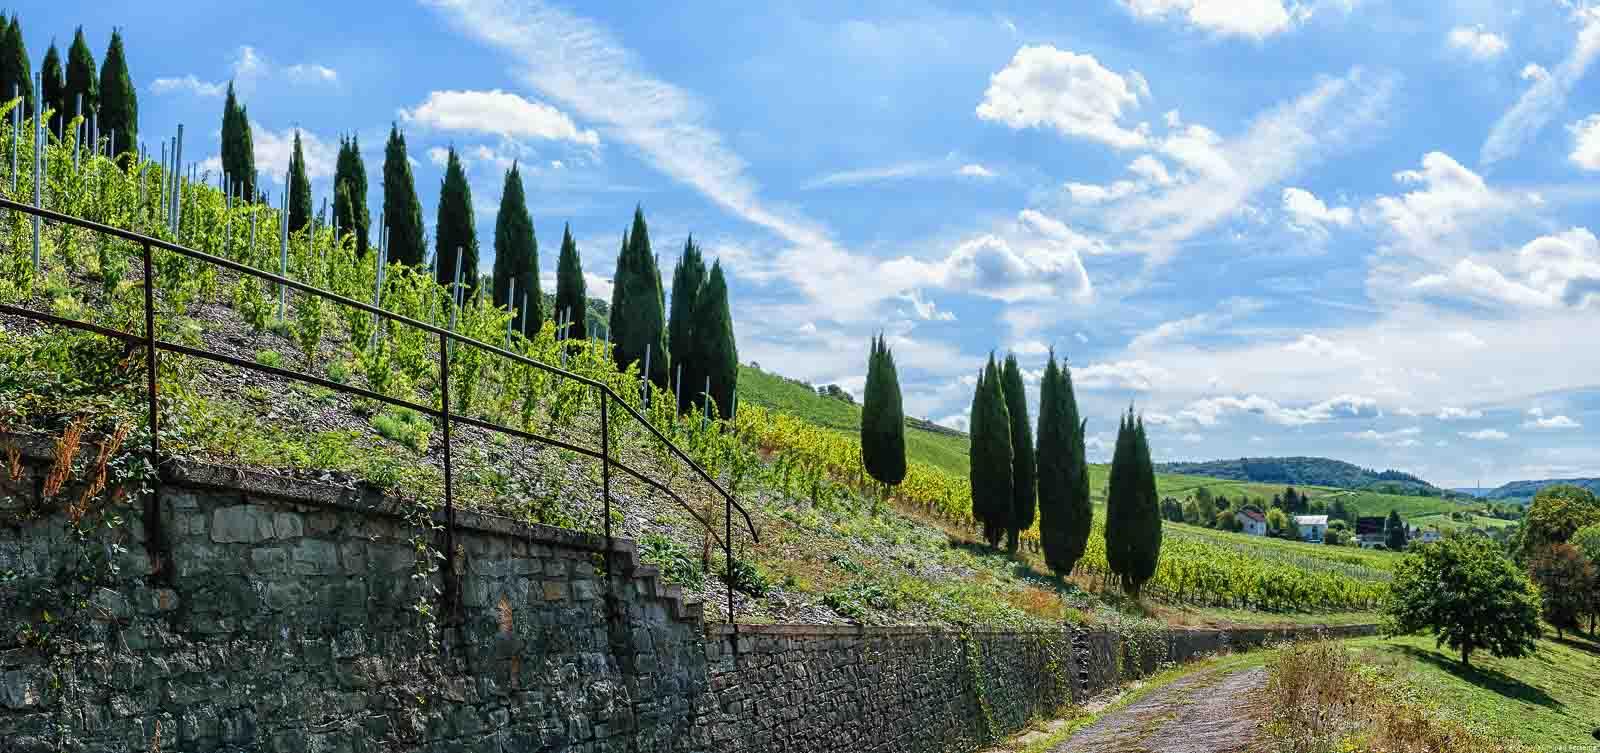 Weg und Bäume zur Rechten; Mauer aus Gestein aus Schiefer zur Linken. Steiler Weinberg Filzener Pulchen mit Bäumen am Hang auf der linken Seite; Wolken am blauen Himmel